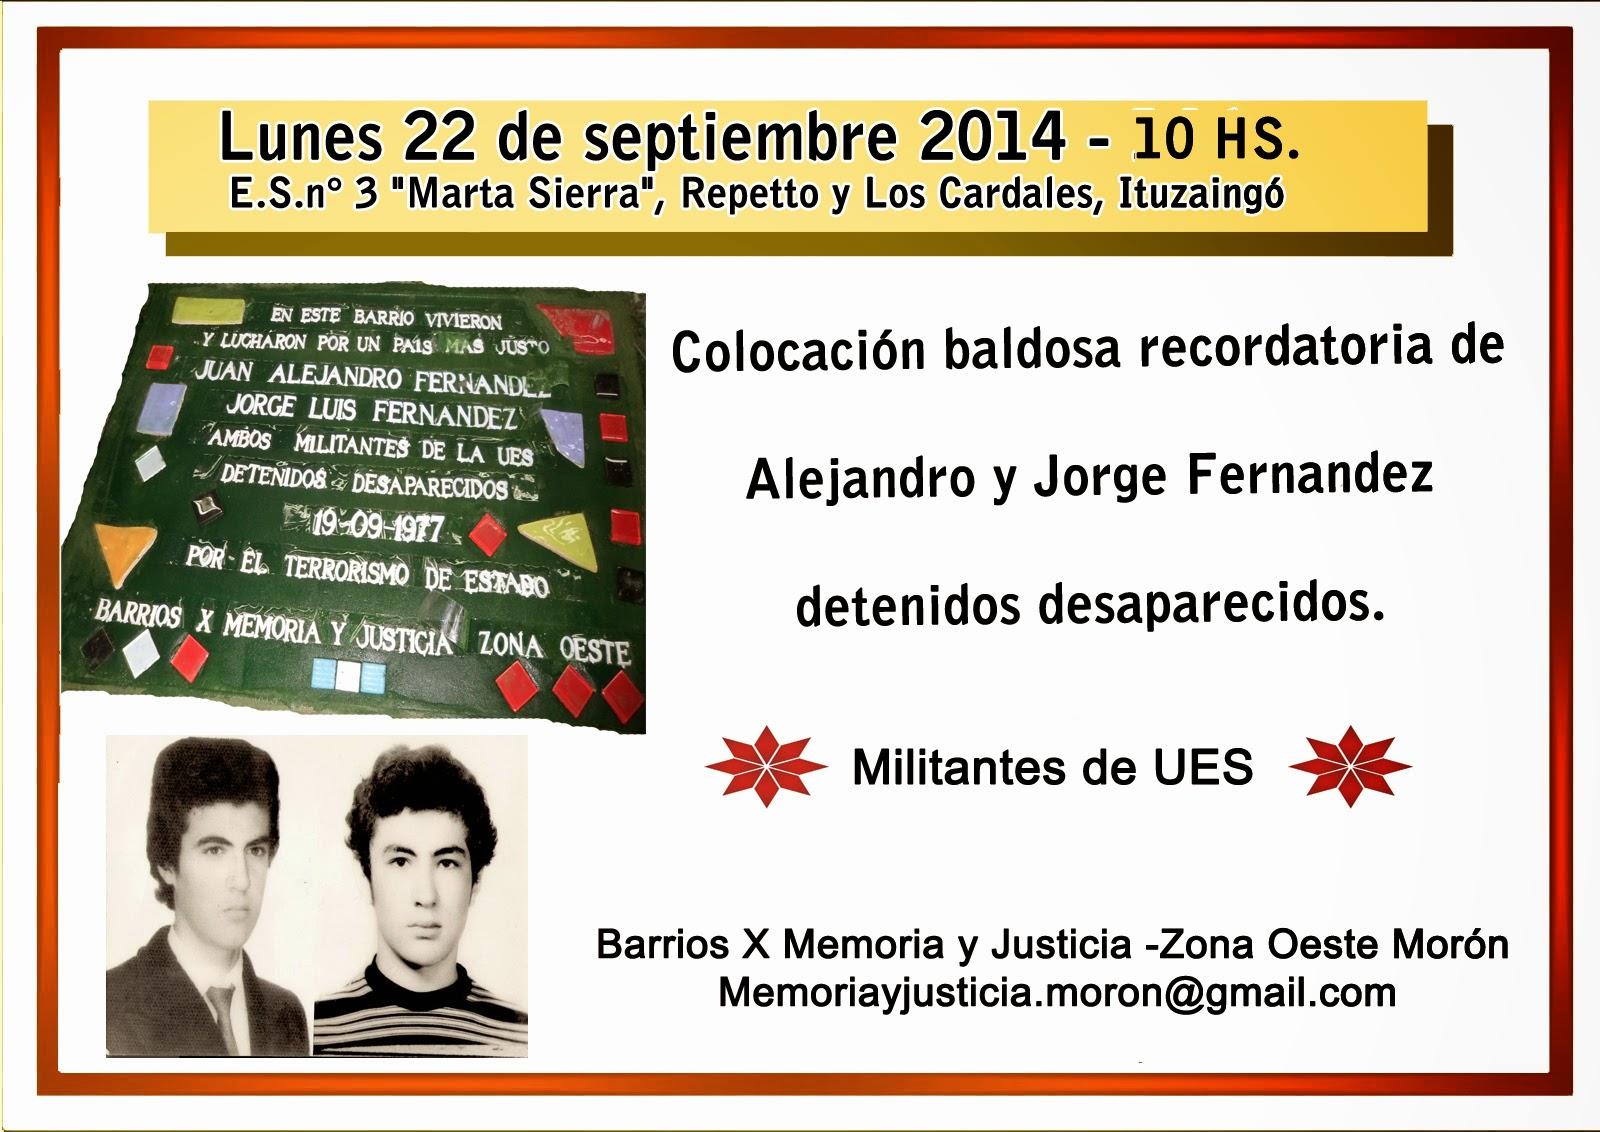 Colocación de Baldosas en Homenaje a desaparecidos